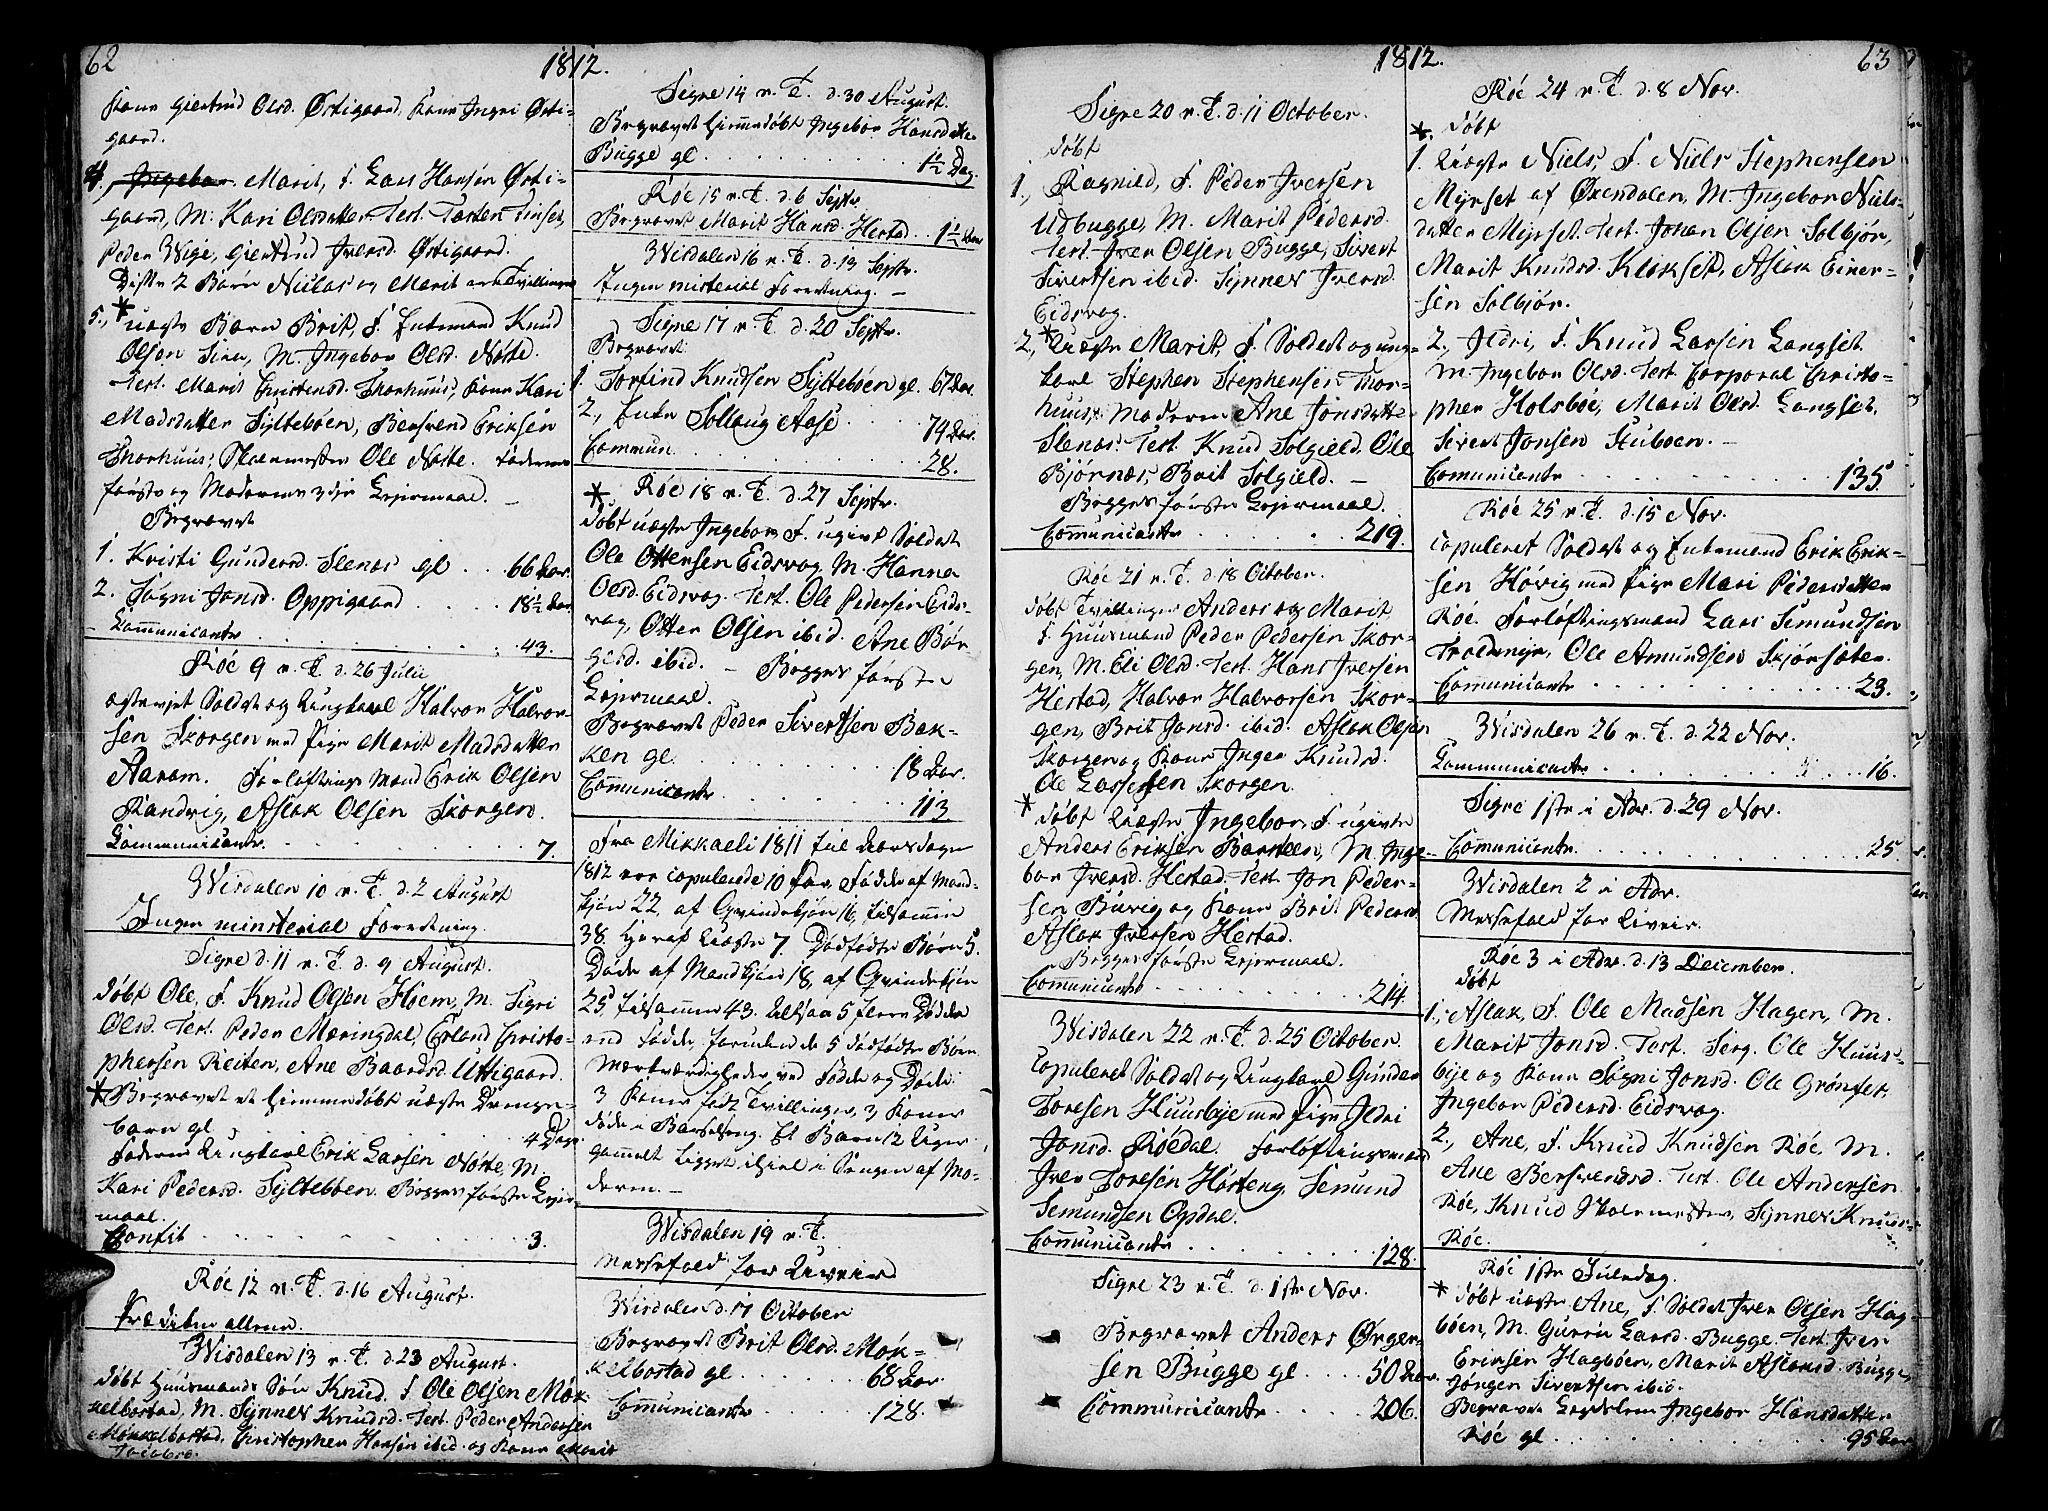 SAT, Ministerialprotokoller, klokkerbøker og fødselsregistre - Møre og Romsdal, 551/L0622: Ministerialbok nr. 551A02, 1804-1845, s. 62-63